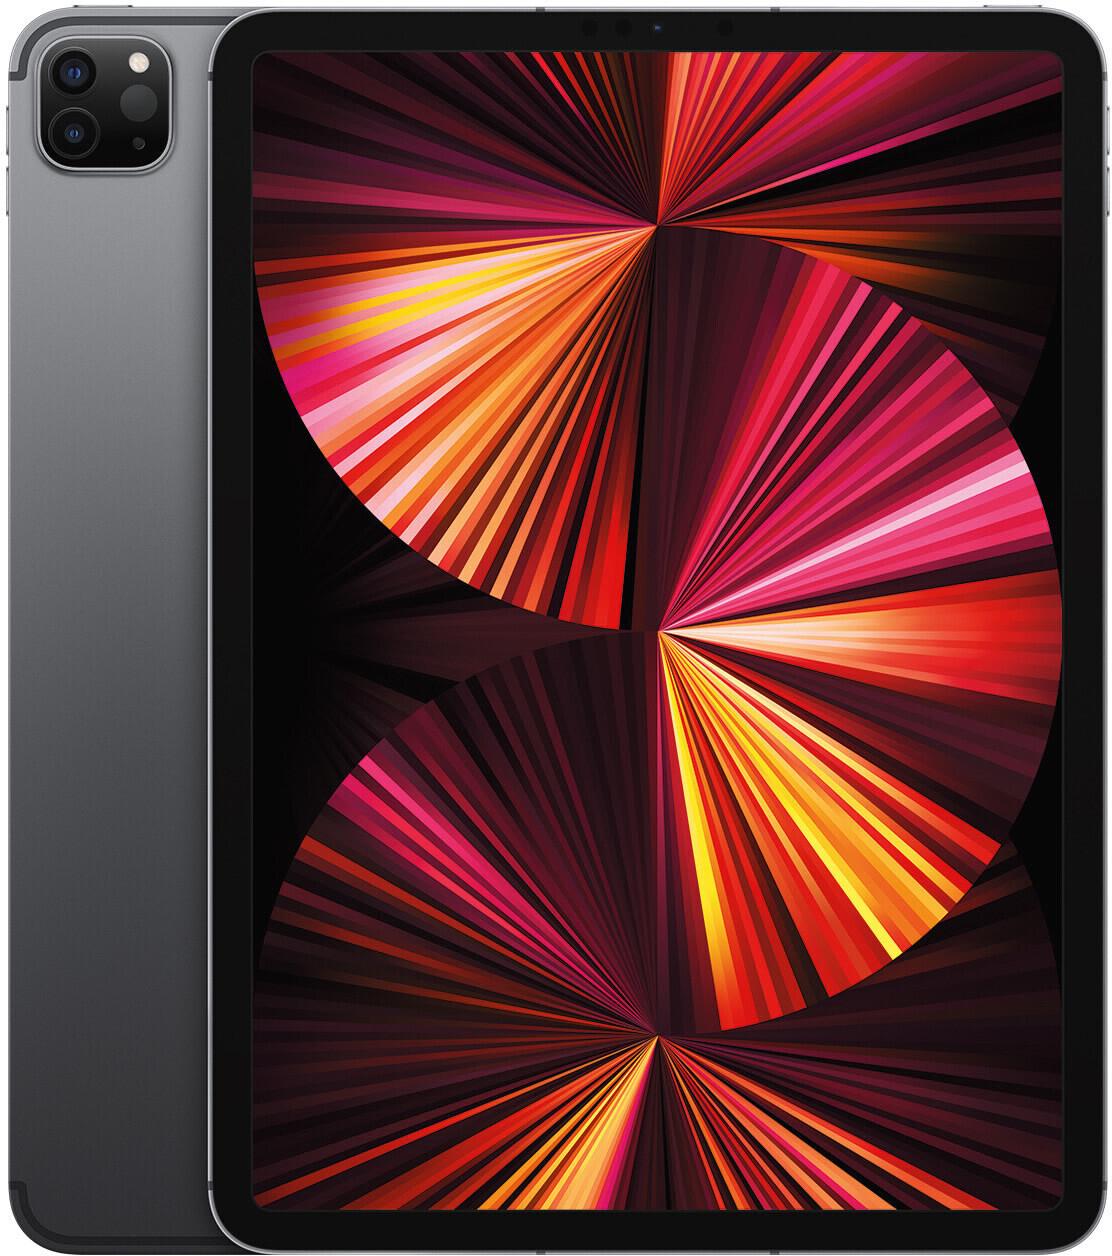 """Apple iPad Pro 11"""" 5G (2021): 128GB 299€ ZZ & 256GB 399€ ZZ mit Vodafone Smart XL (30GB LTE 5G, VoLTE, WLAN Call) für mtl. 39,91€"""